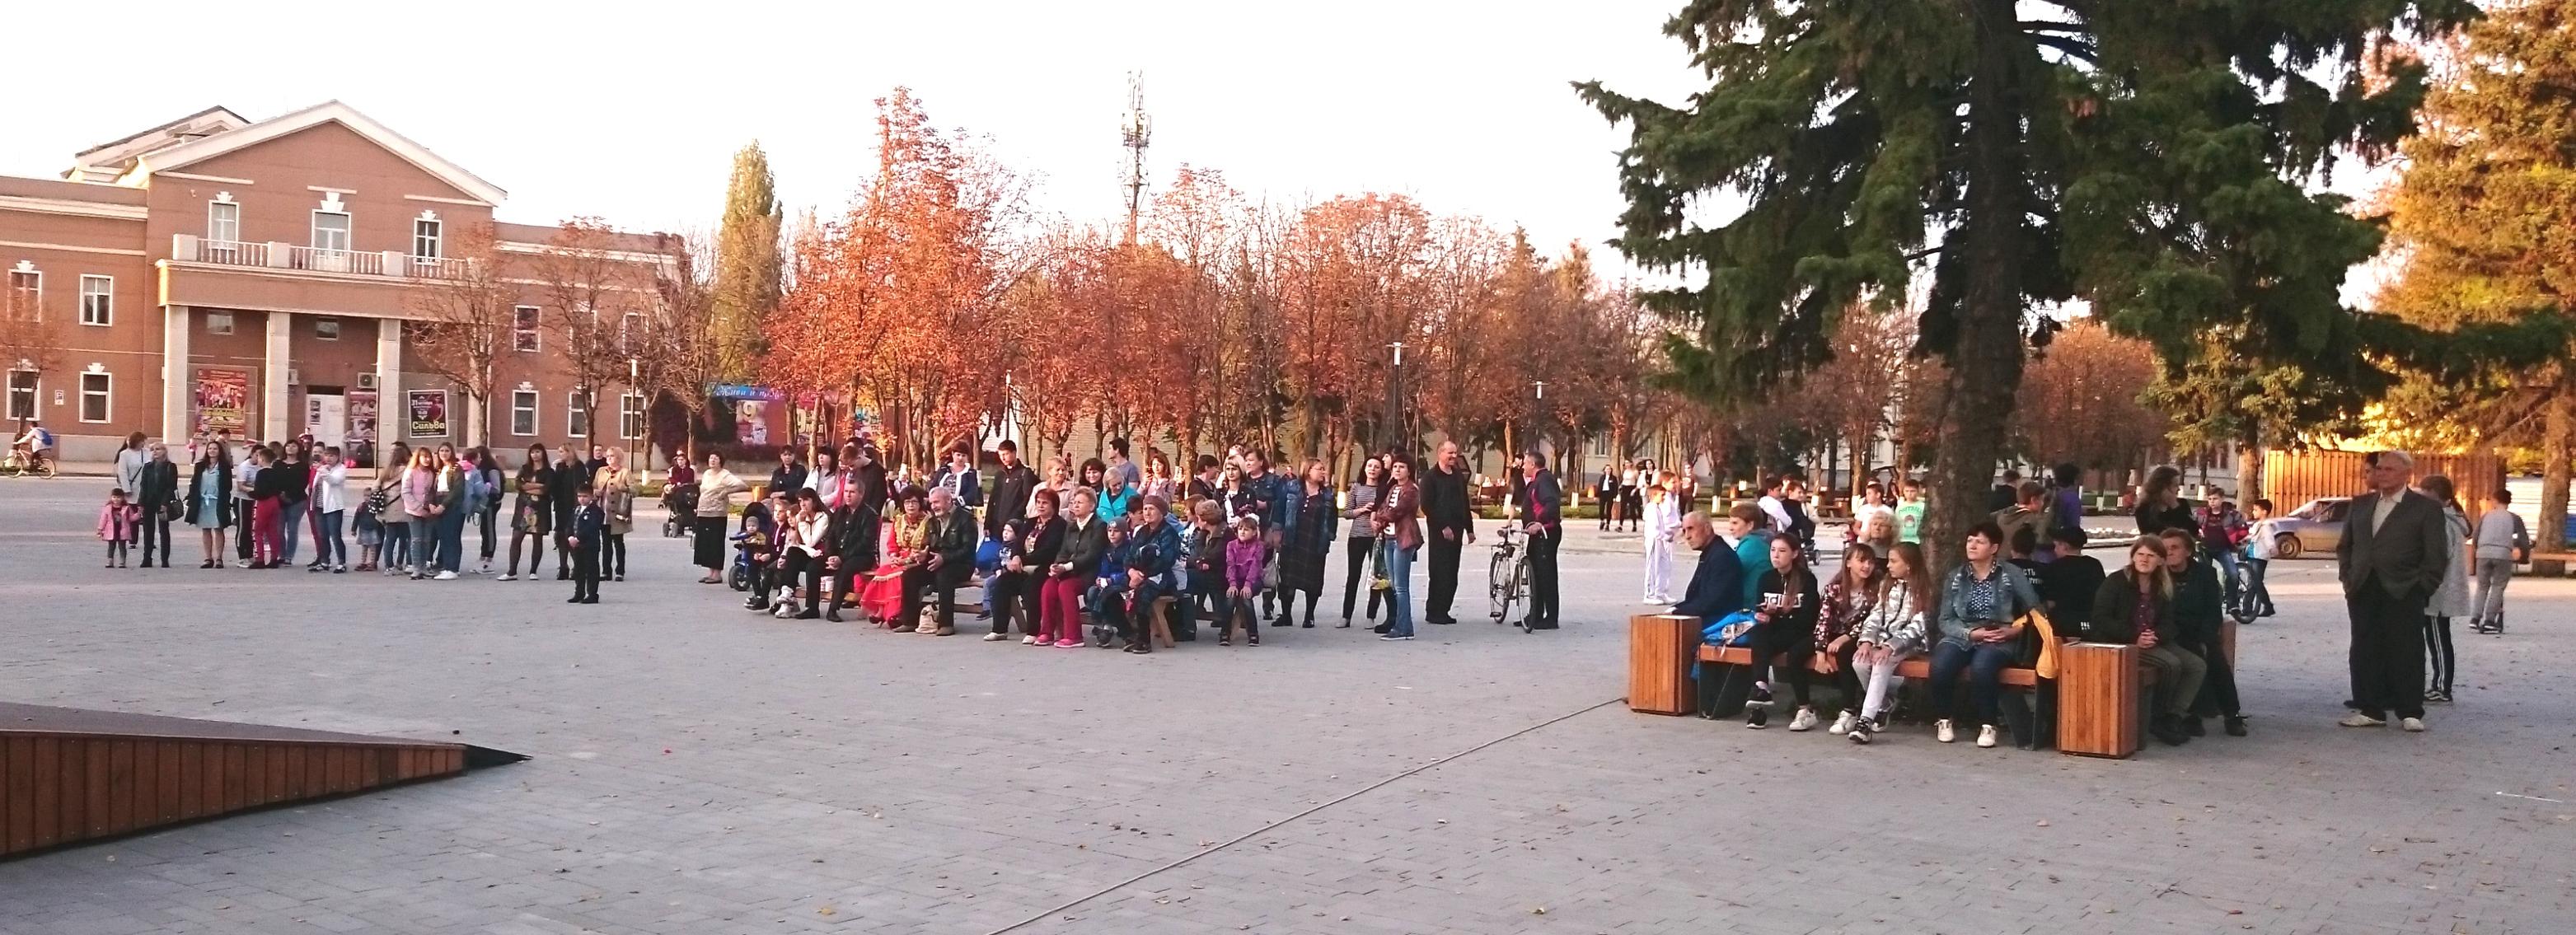 Красота осени на обновленной площади в Миллерово.